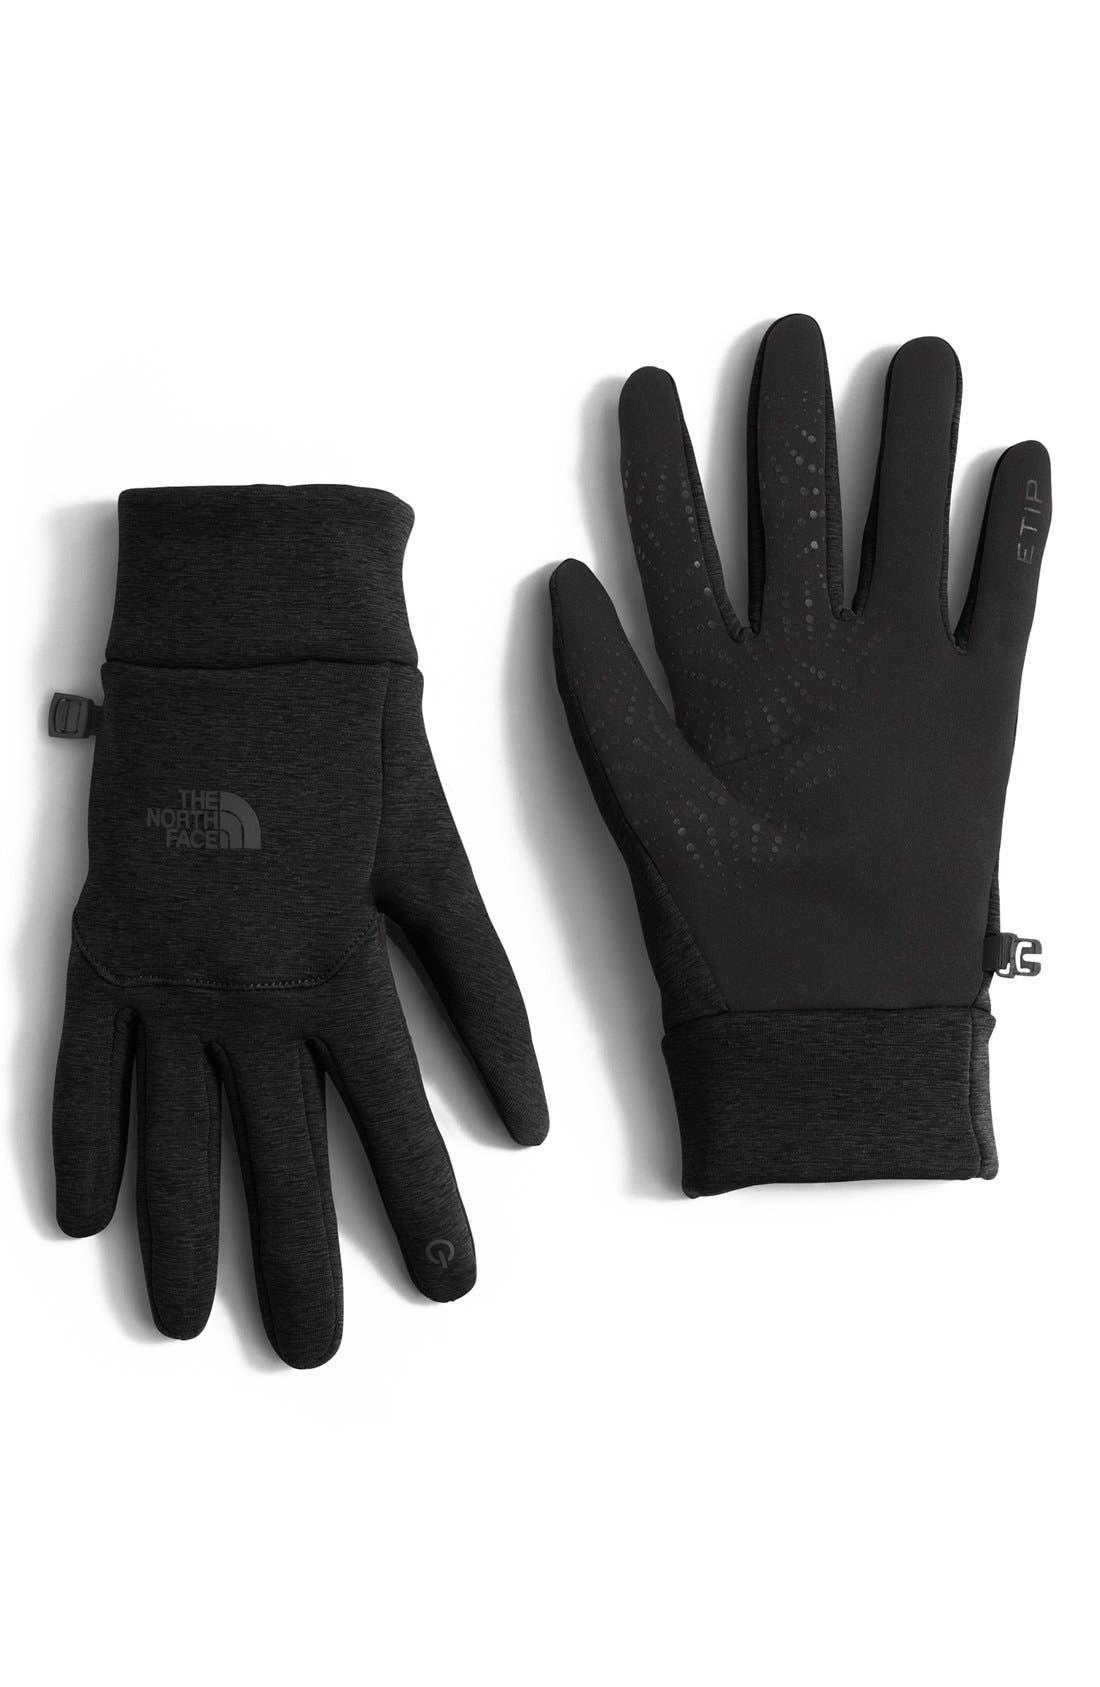 Main Image - The North Face 'E-Tip' Fleece Tech Gloves